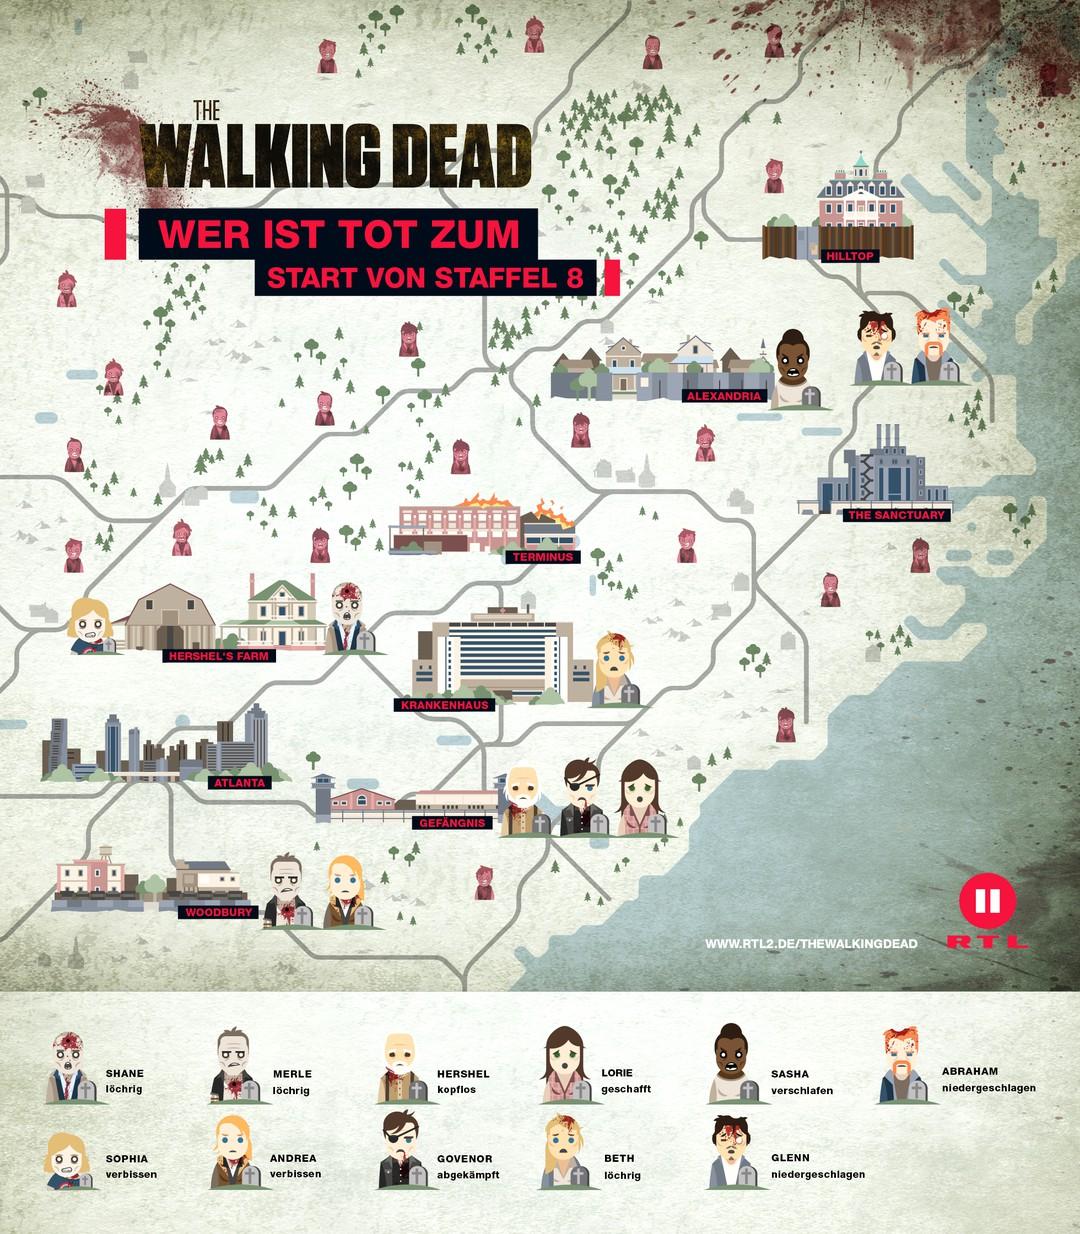 The Walking Dead: Best of 99 Folgen im Video - Bild 1 von 1